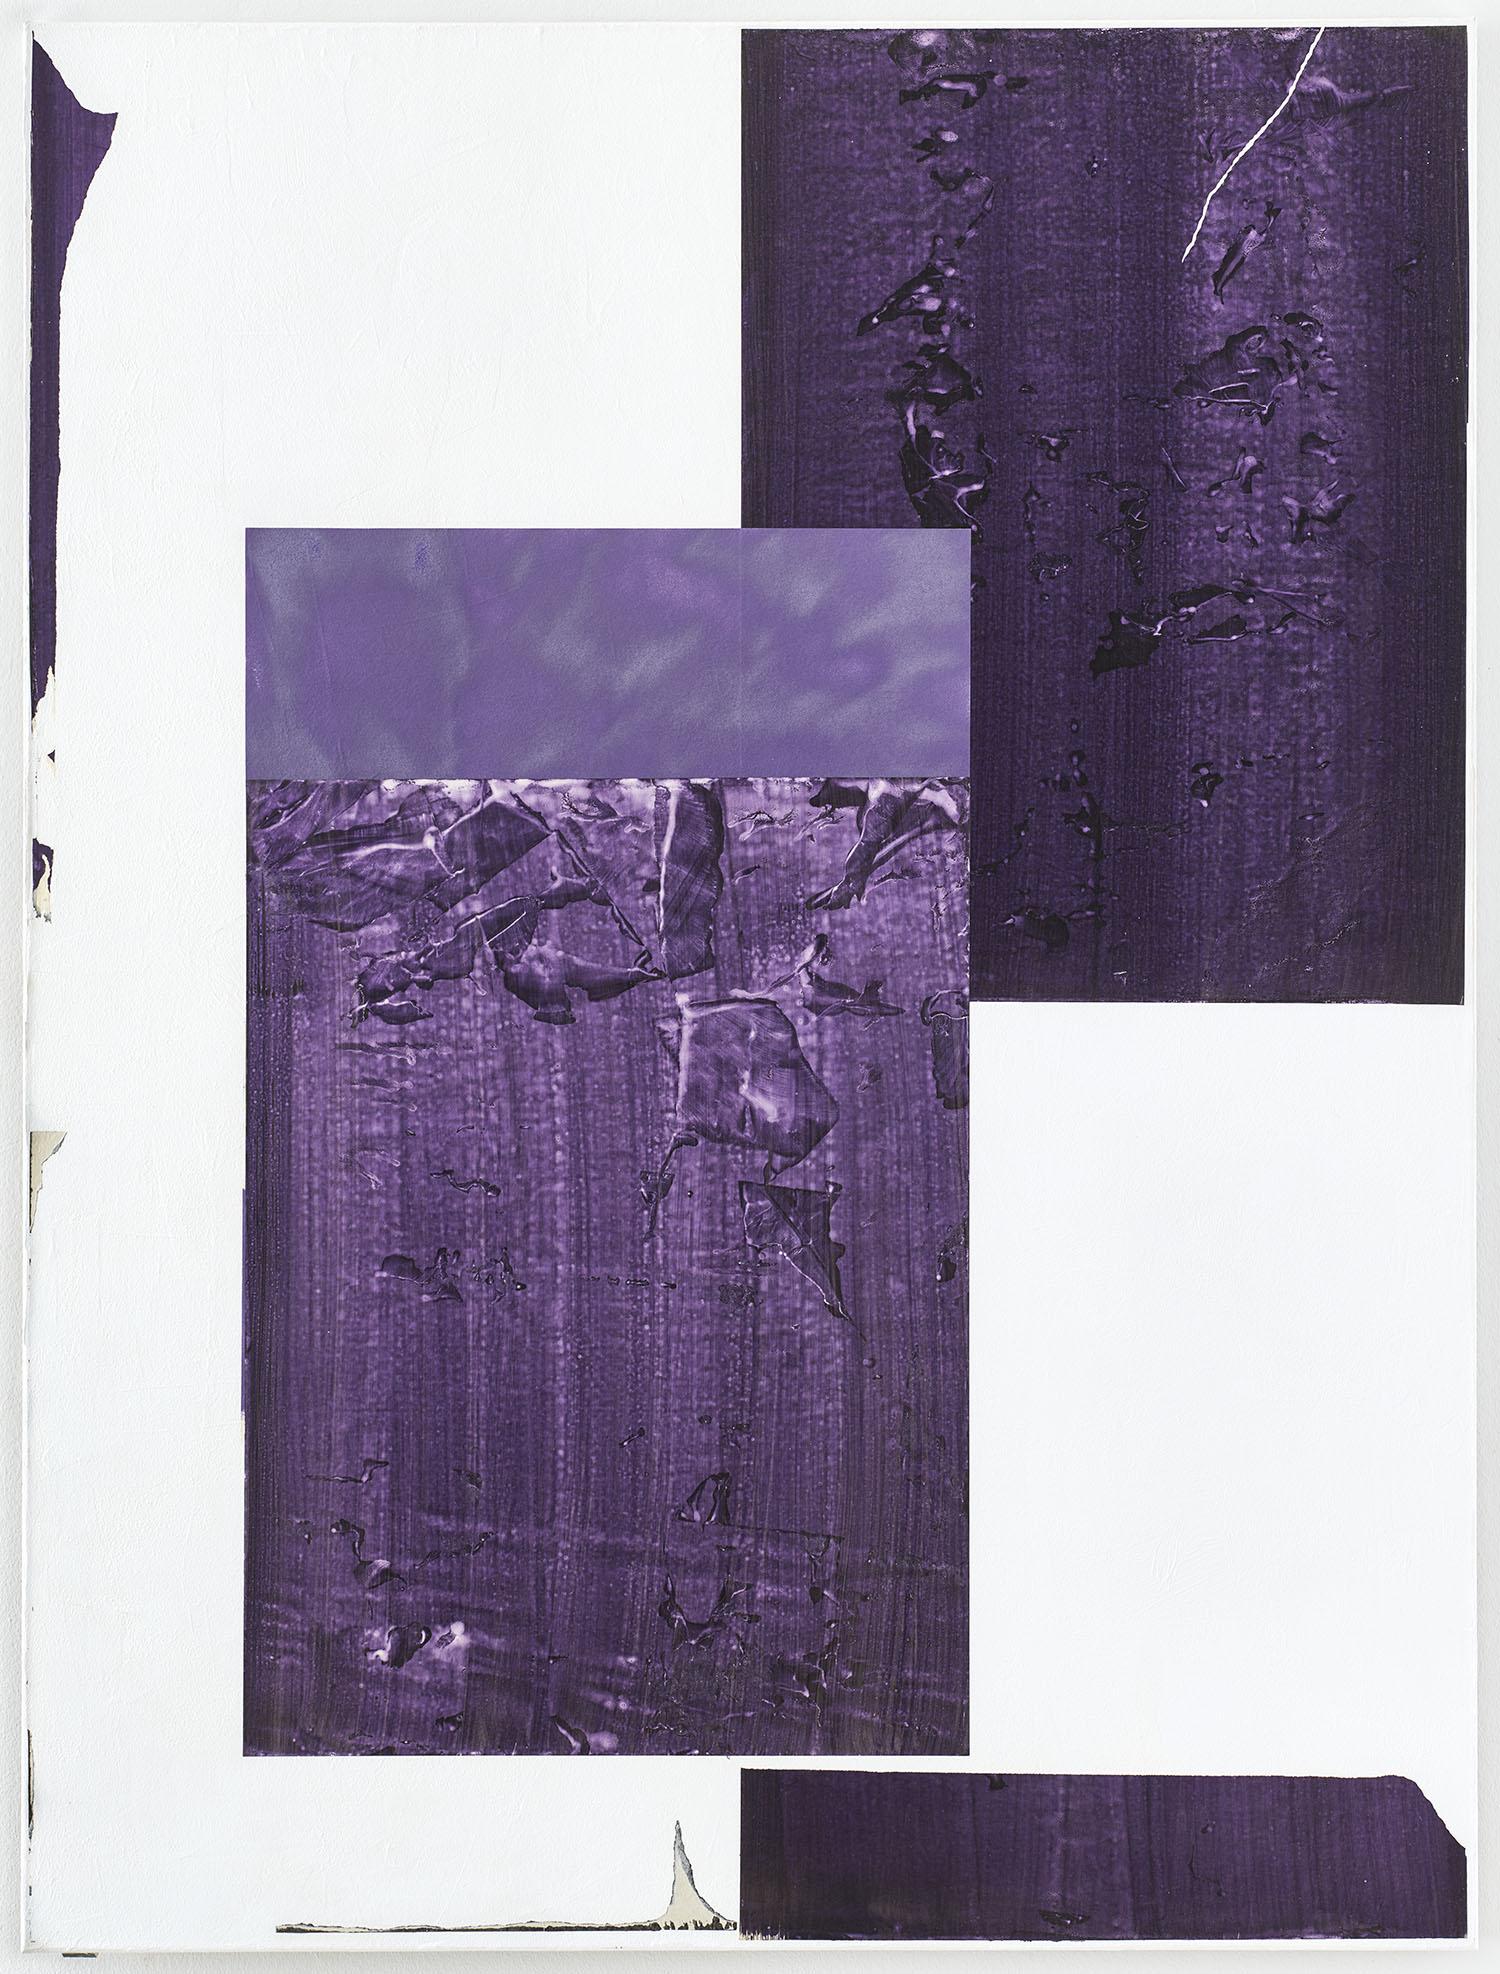 UntitledCollage | 2016 | Acryl, Pigment, Spraylack auf Papier, Acryl auf Nessel | 160 x 120 cm | x